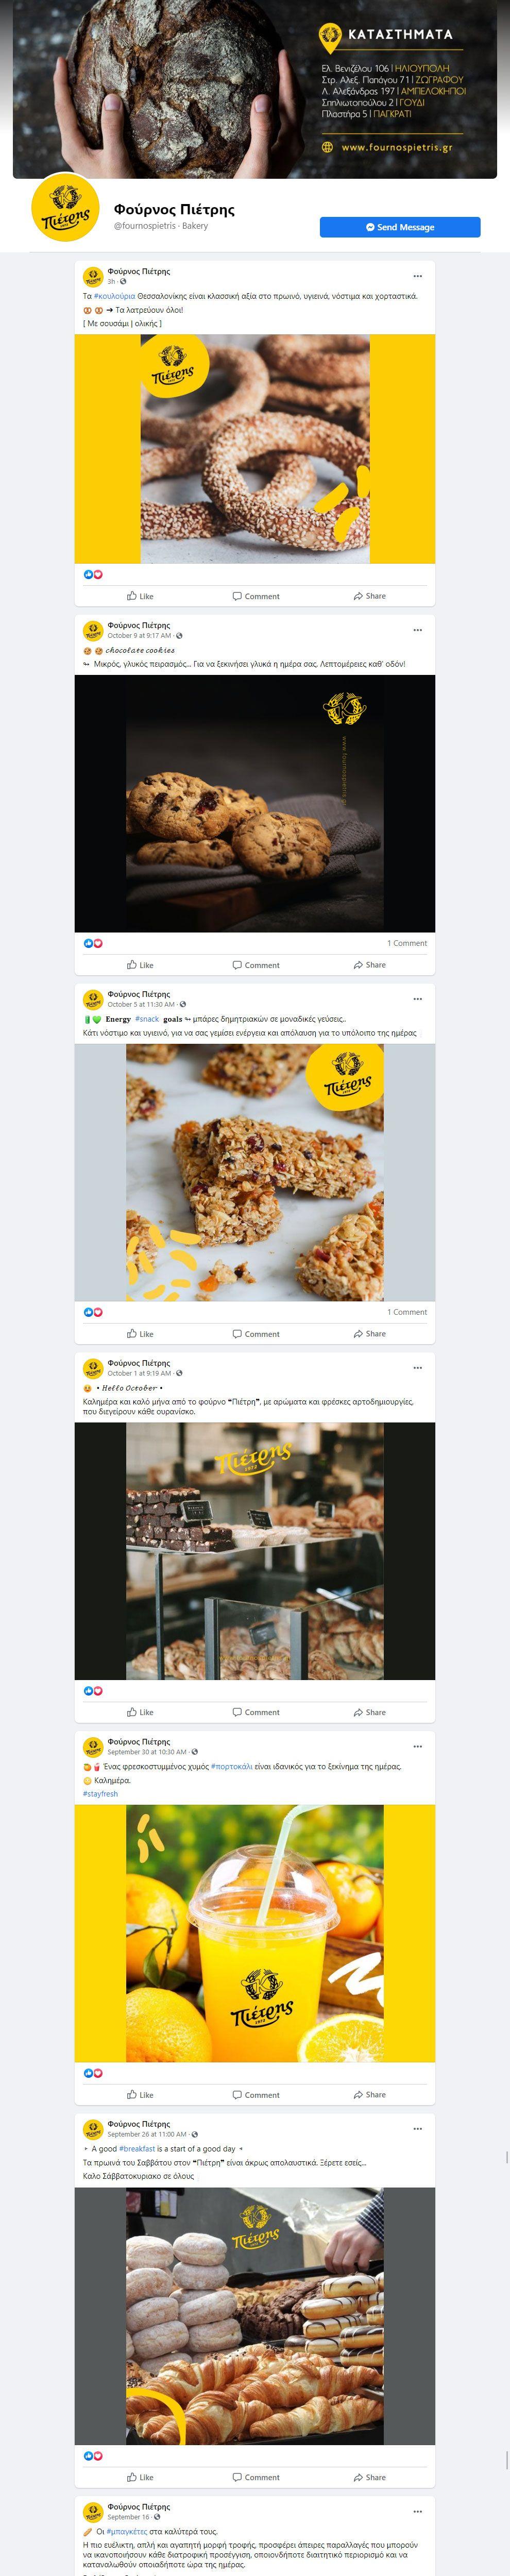 διαχείριση λογαριασμών social media - Pietris